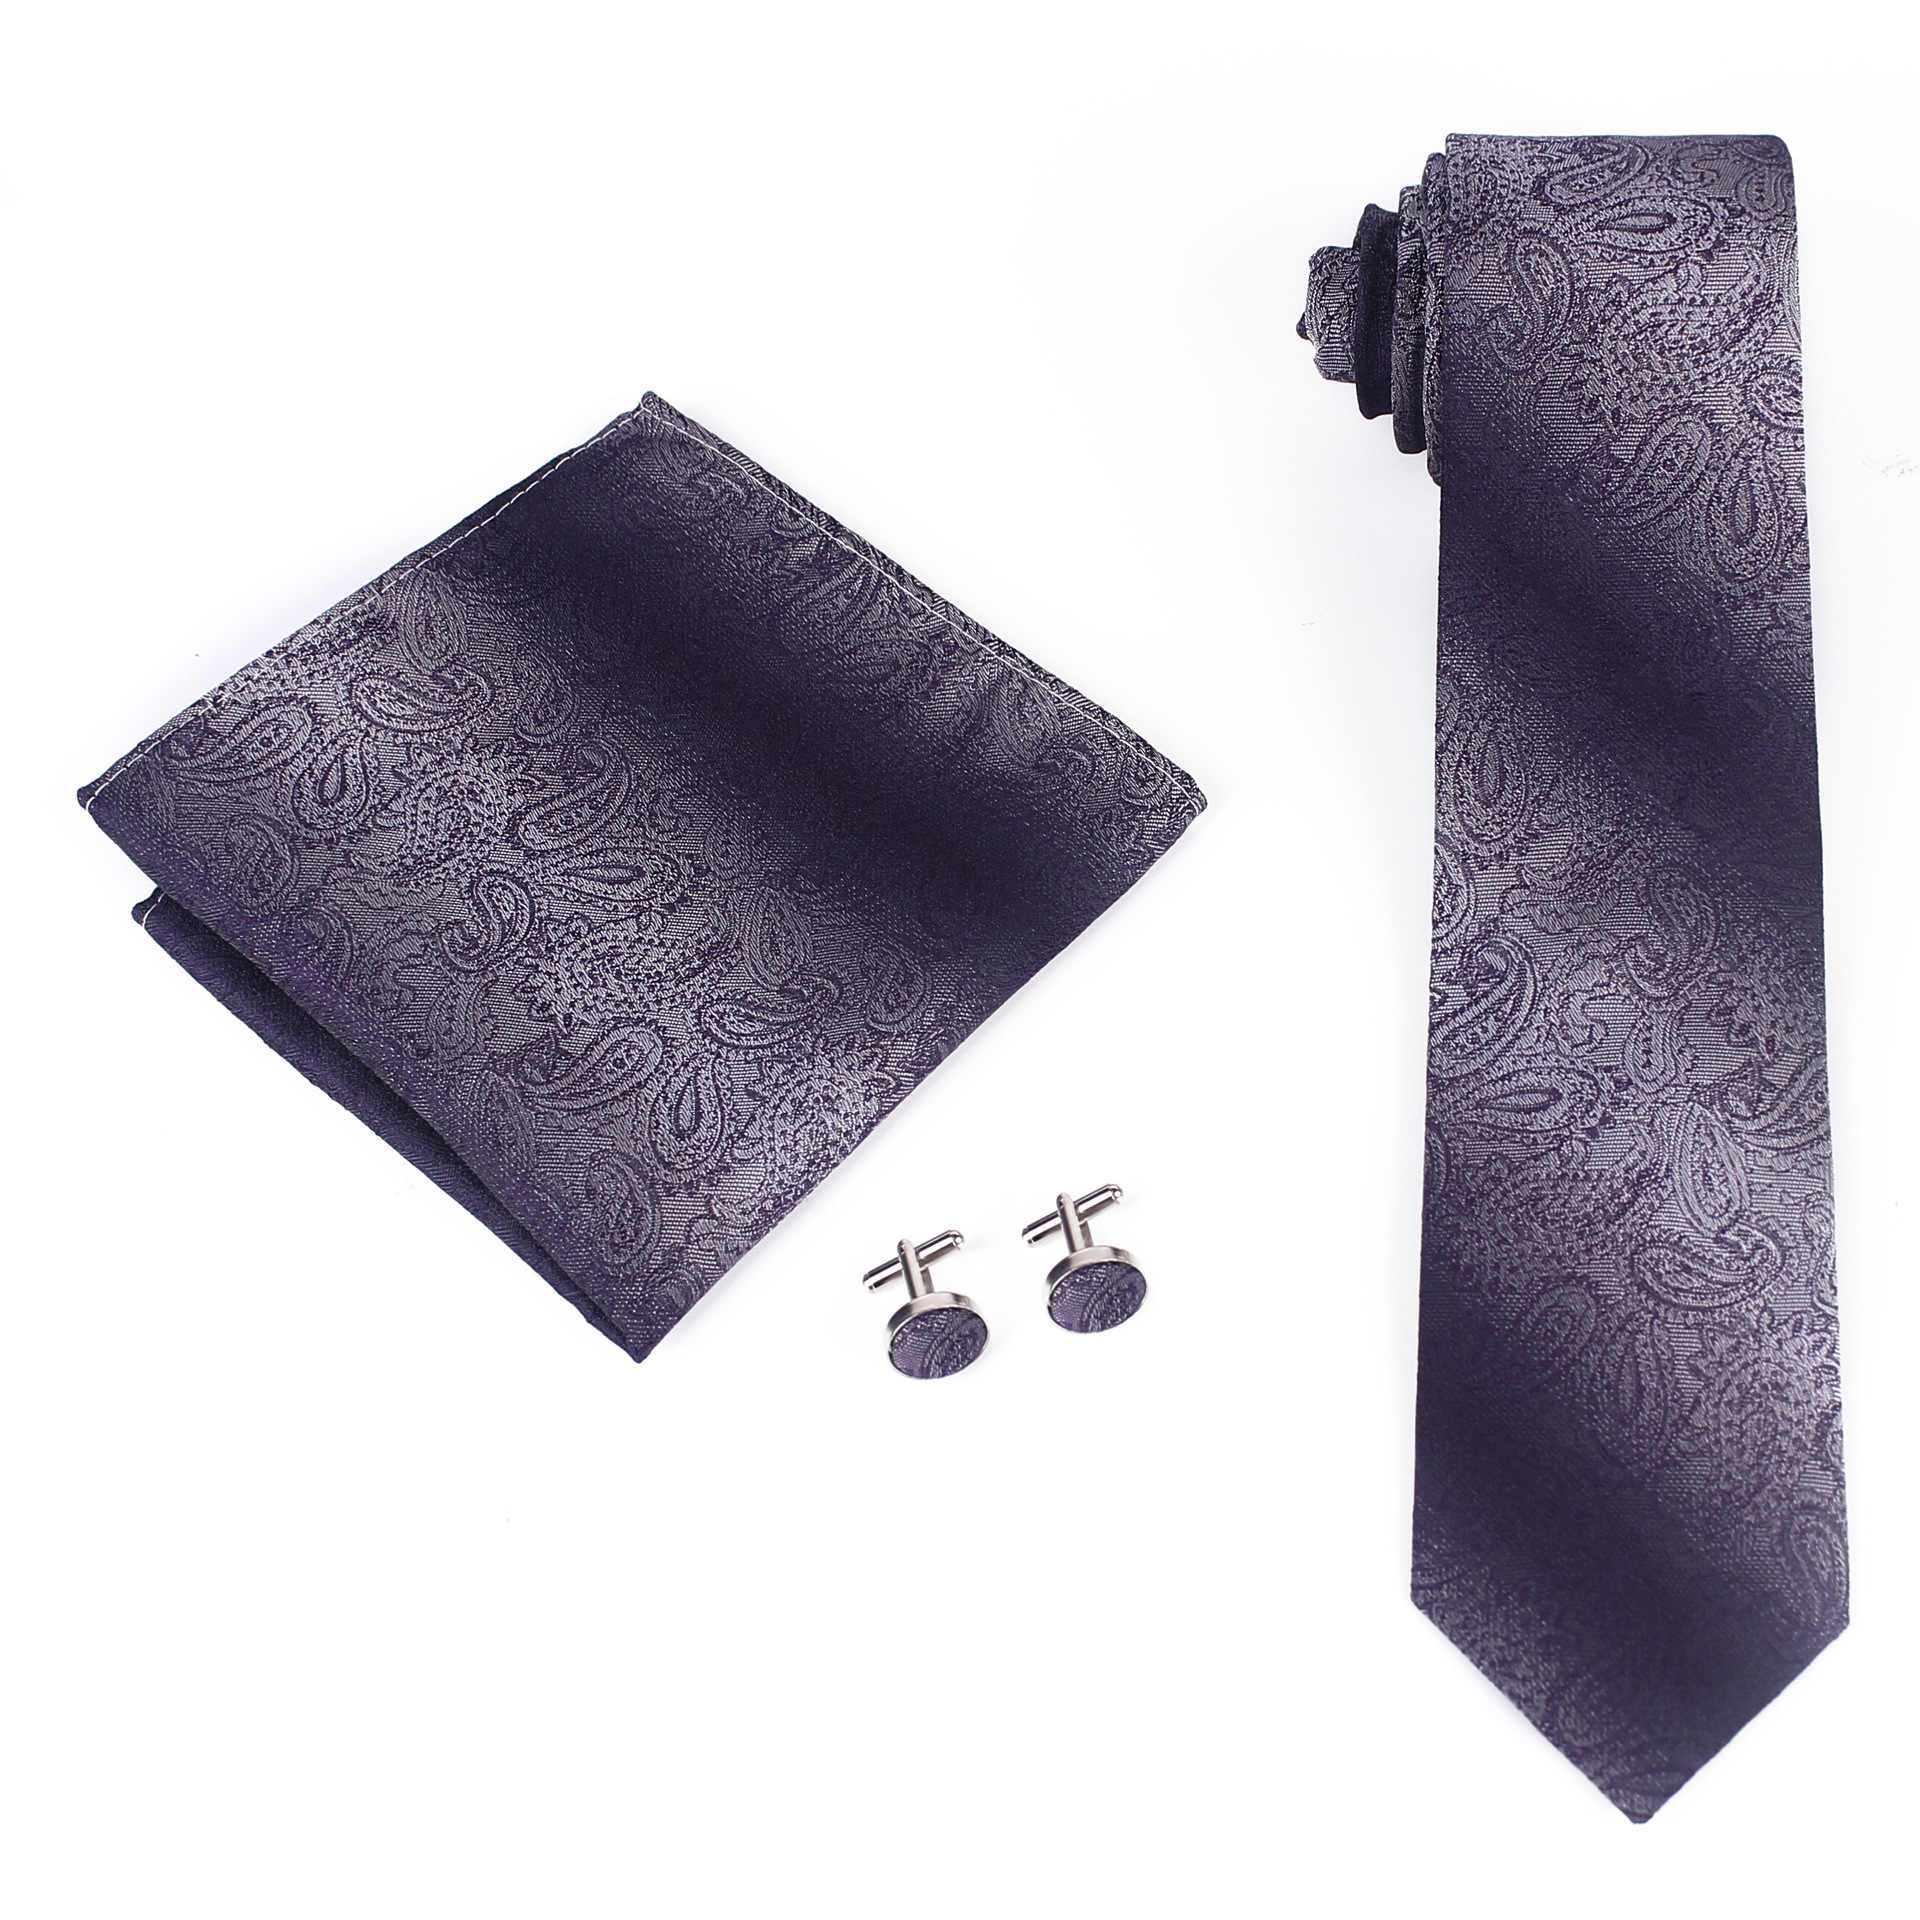 Mantieqingway дешевые темпераментные мужские вечерние деловые рабочие платья сплошной цвет темный темперамент квадратный шарф Запонки галстук набор